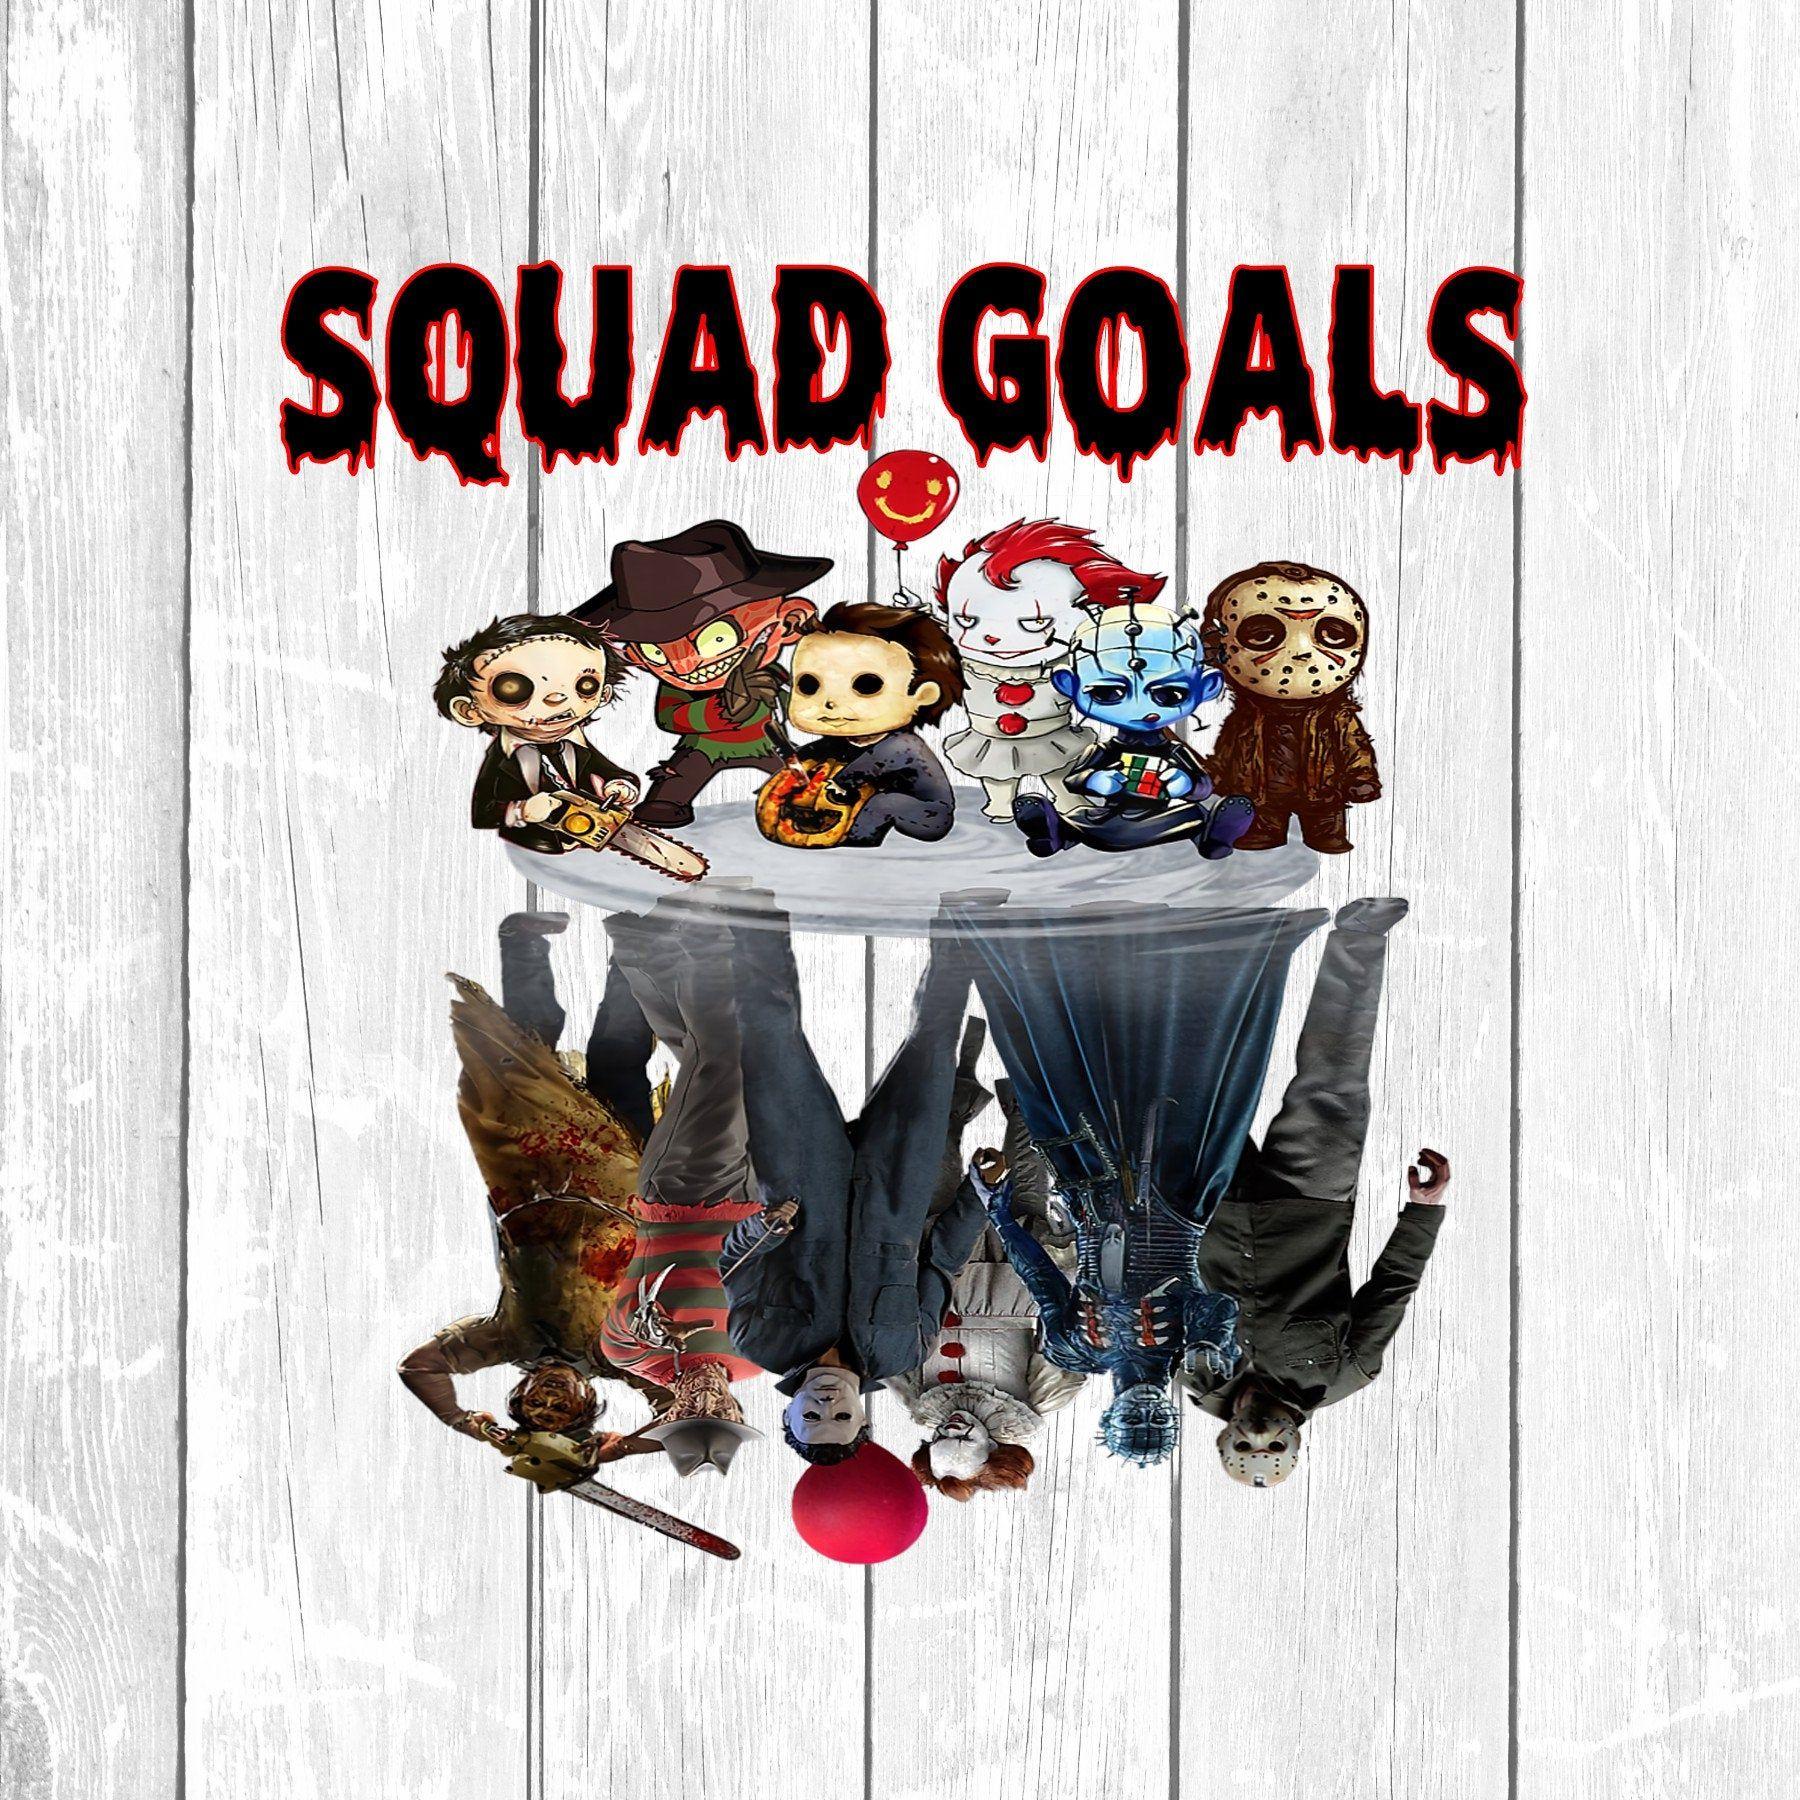 Jason and Friends Squad Goals Sublimation, Instant